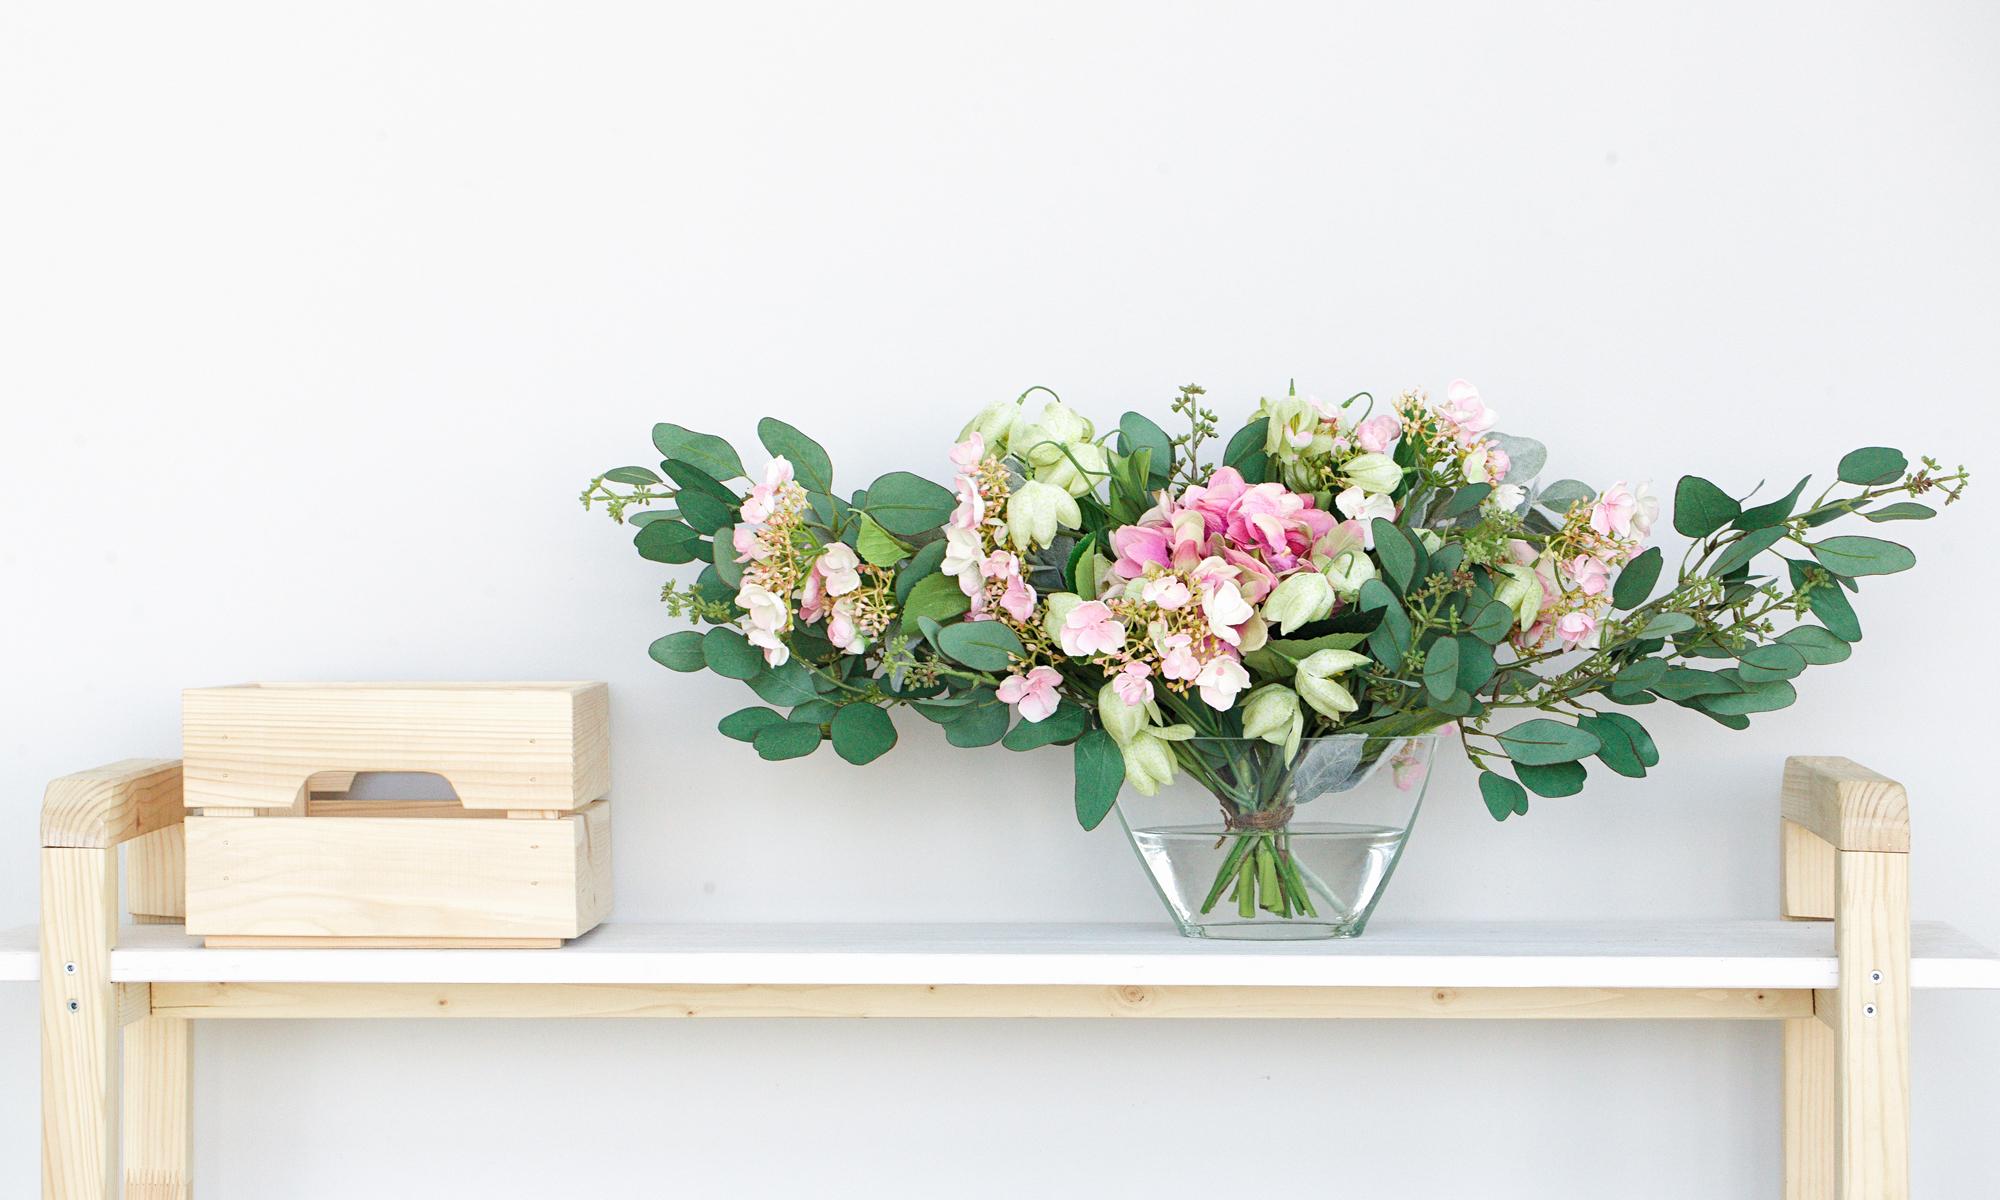 Купить Композиция из искусственных цветов - розовая гортензия, эвкалипт, рябчики, inmyroom, Россия